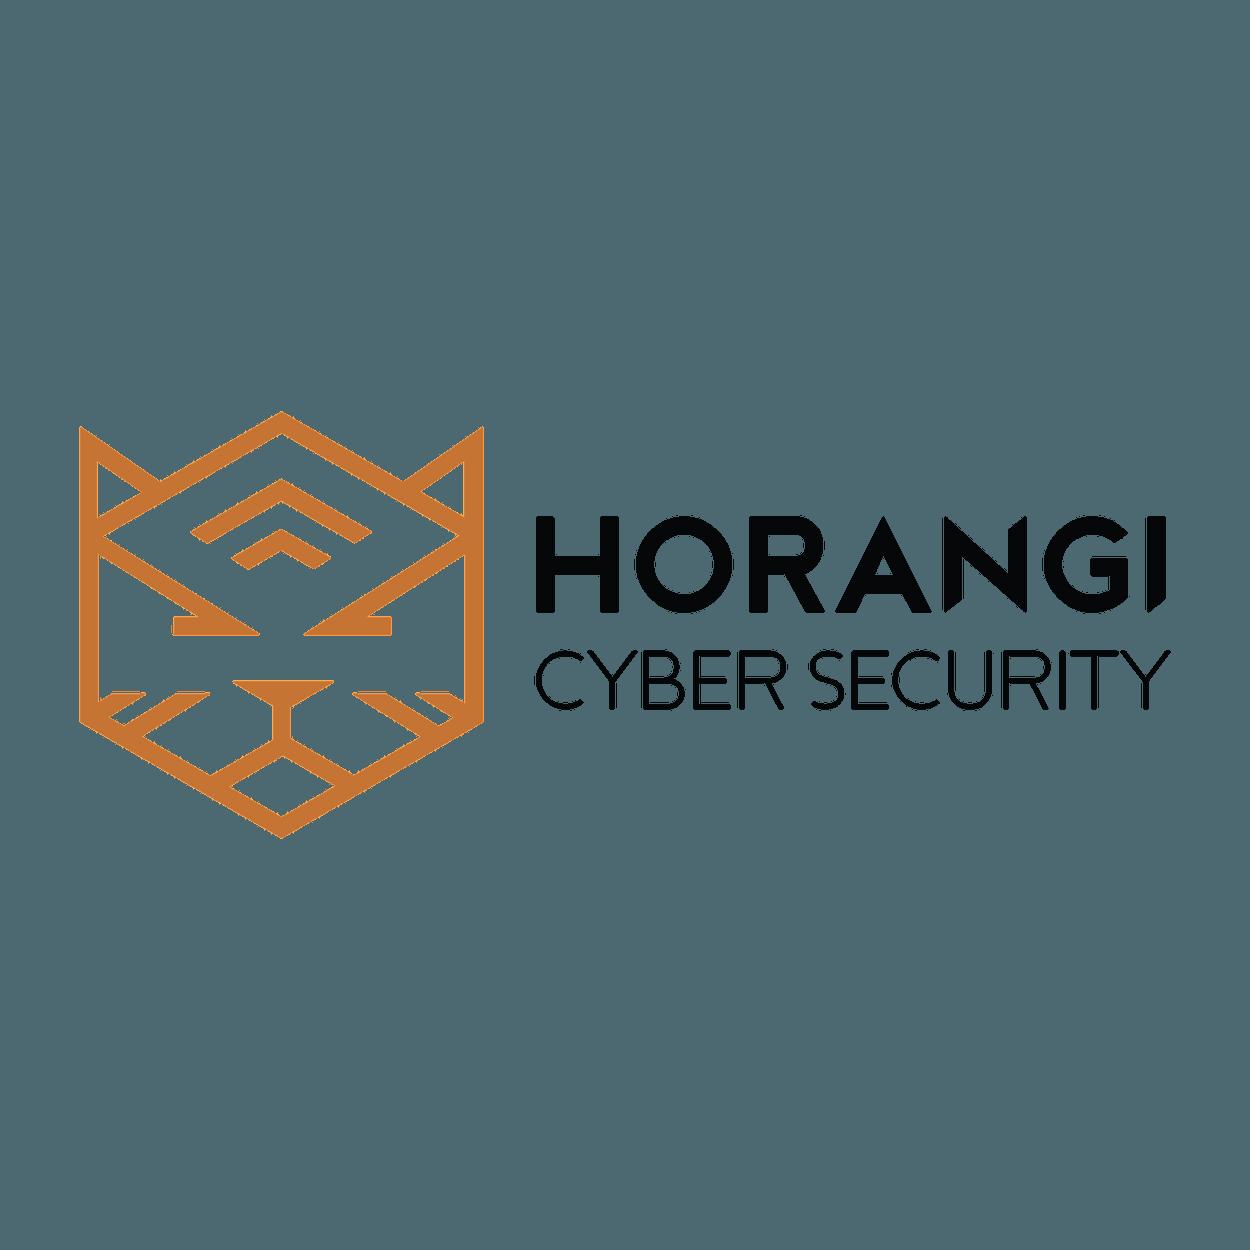 Horangi